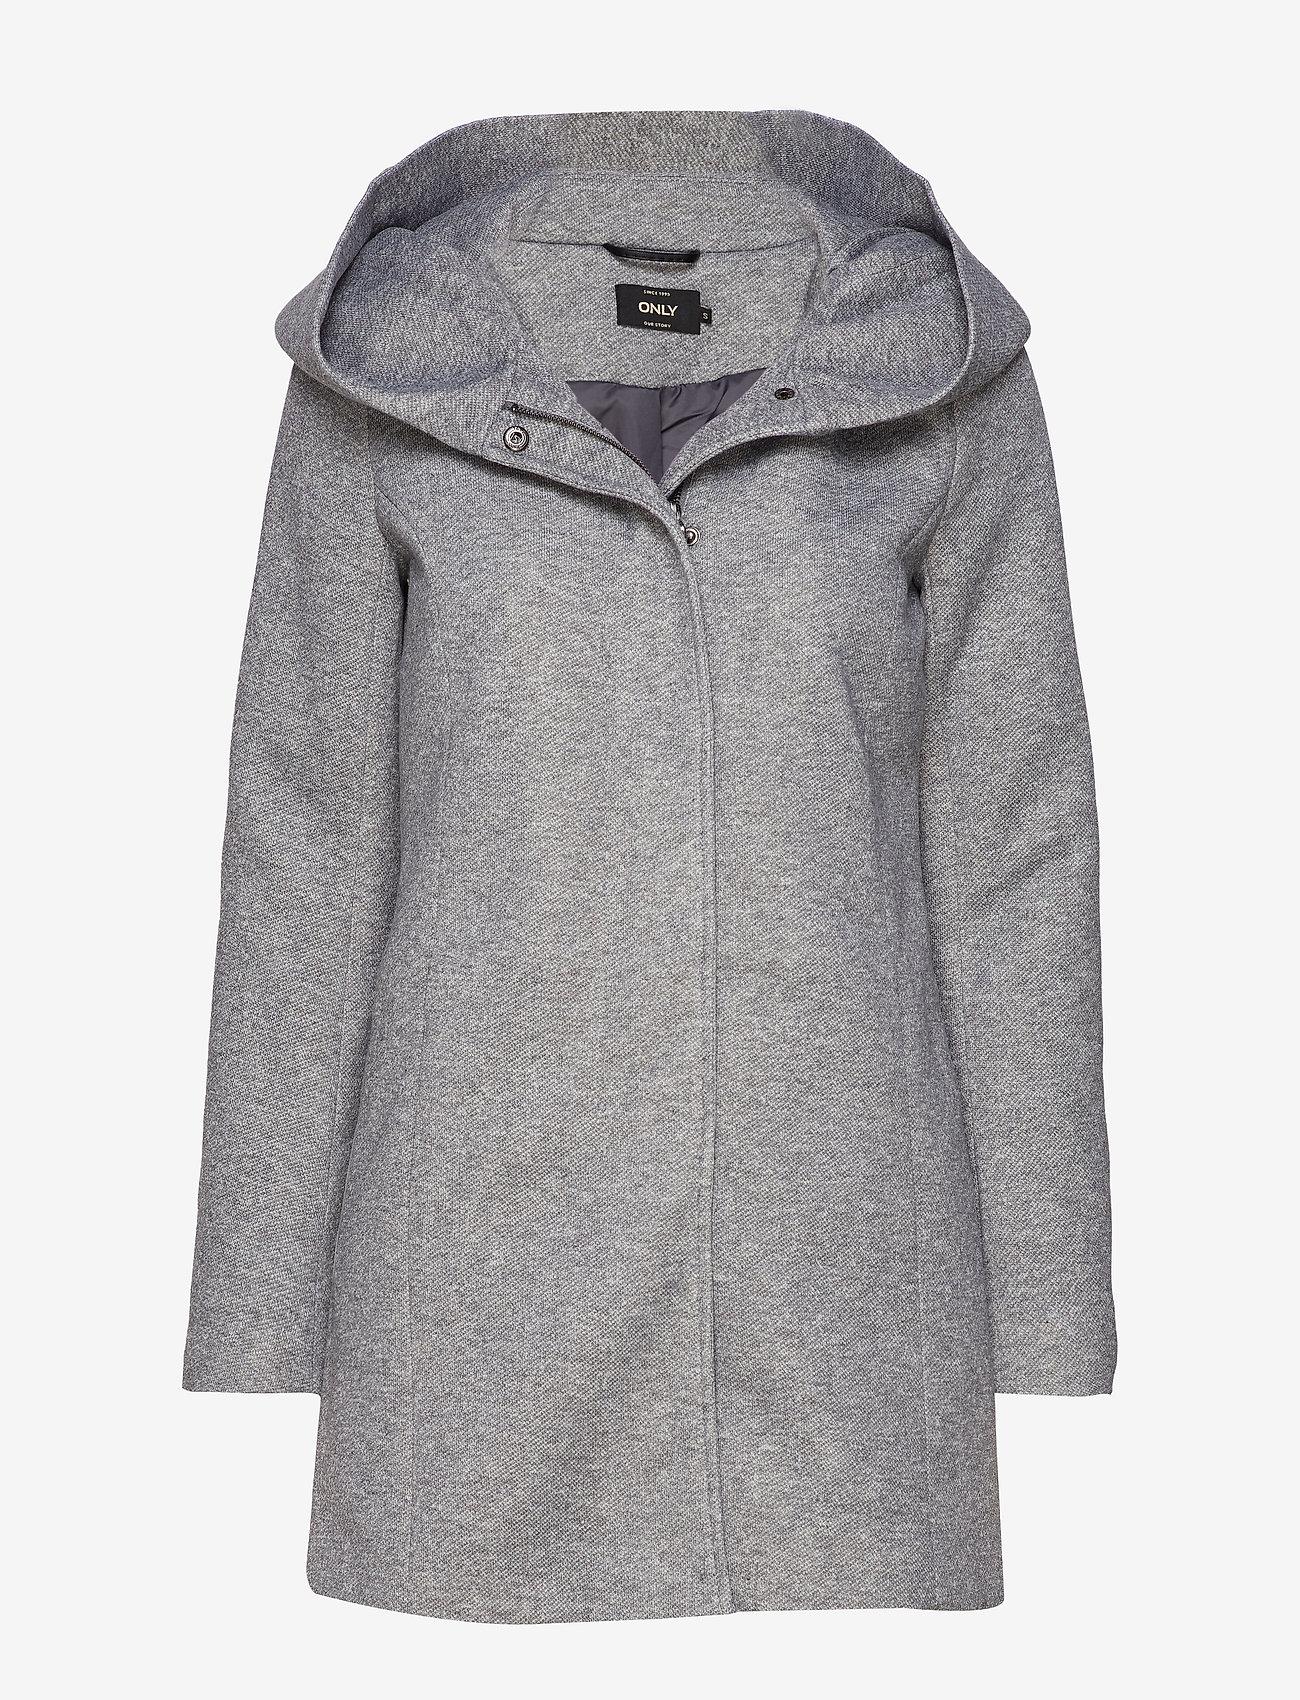 ONLY - ONLSEDONA LIGHT COAT OTW - dunne jassen - light grey melange - 0